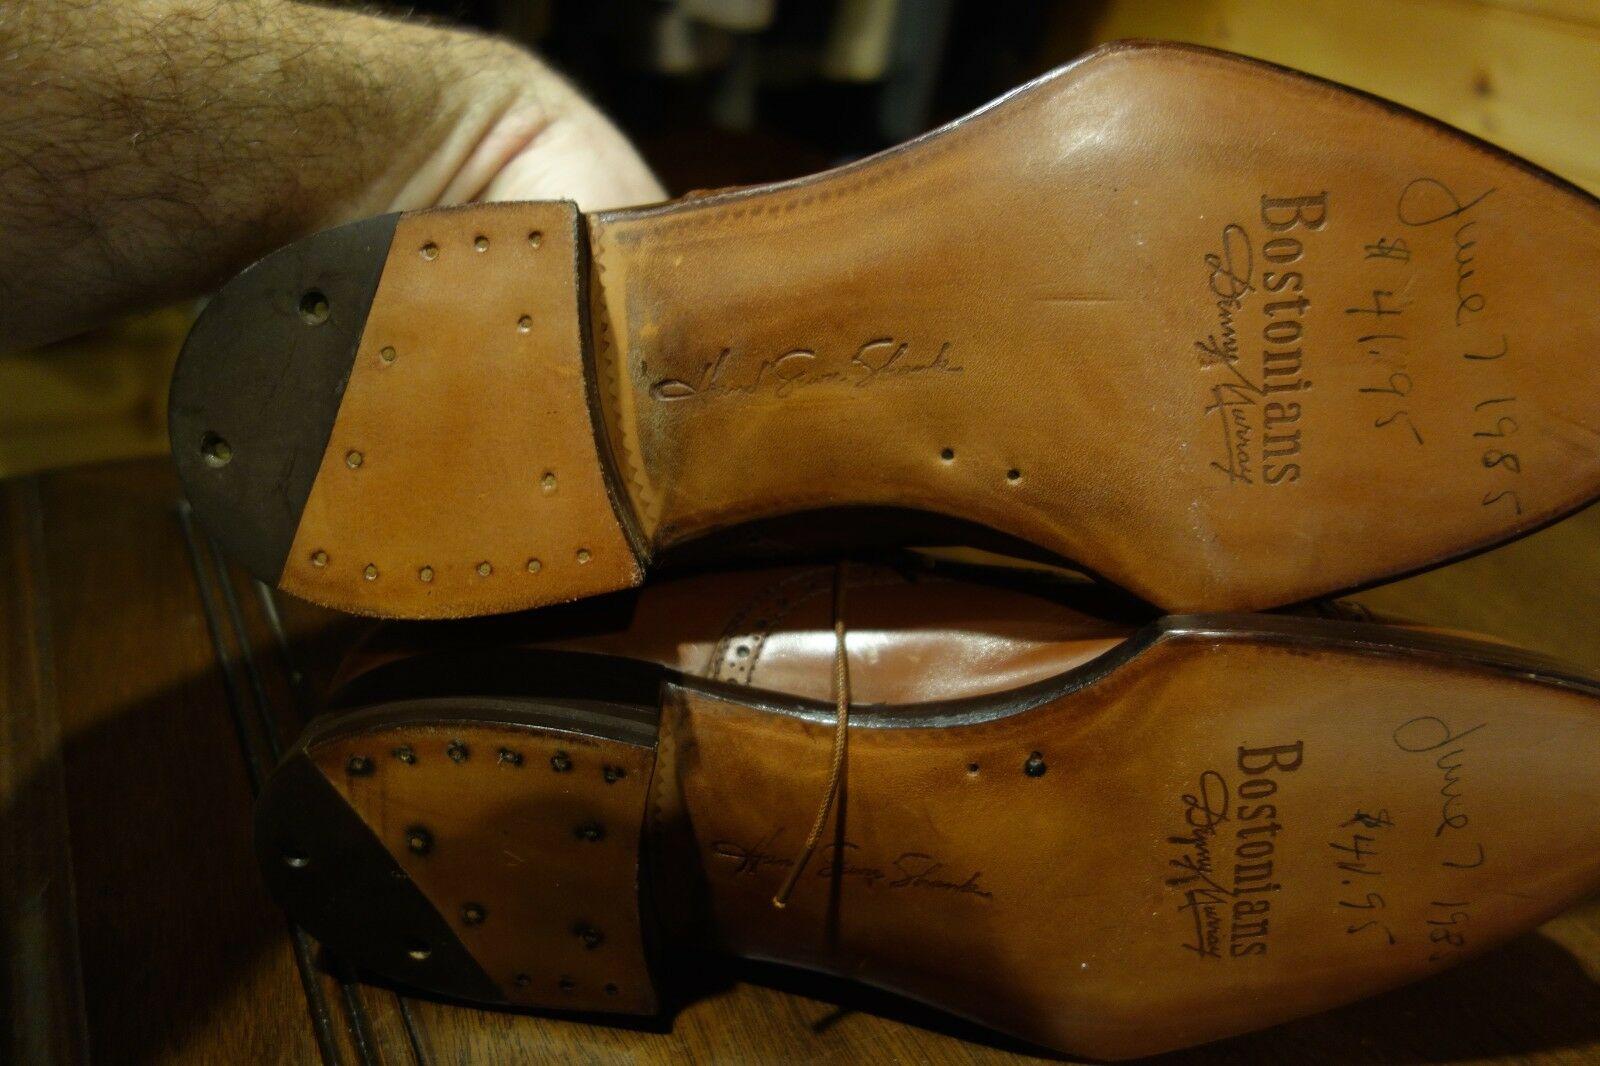 """Une """"spade sole"""" sur une paire de Bostonian avant que la marque ne sombre dans les méandres de la médiocrité. Le niveau de finition pour une chaussure de prêt-à-chausser est excellent et supérieur à bien des marques du haut de gamme actuel. La marque a été rachetée par Clark's en 1979 et n'existe plus aujourd'hui que comme une coquille vide dont le nom est apposé sur des chaussures collées vendues via Amazon. (Source: Ebay)"""